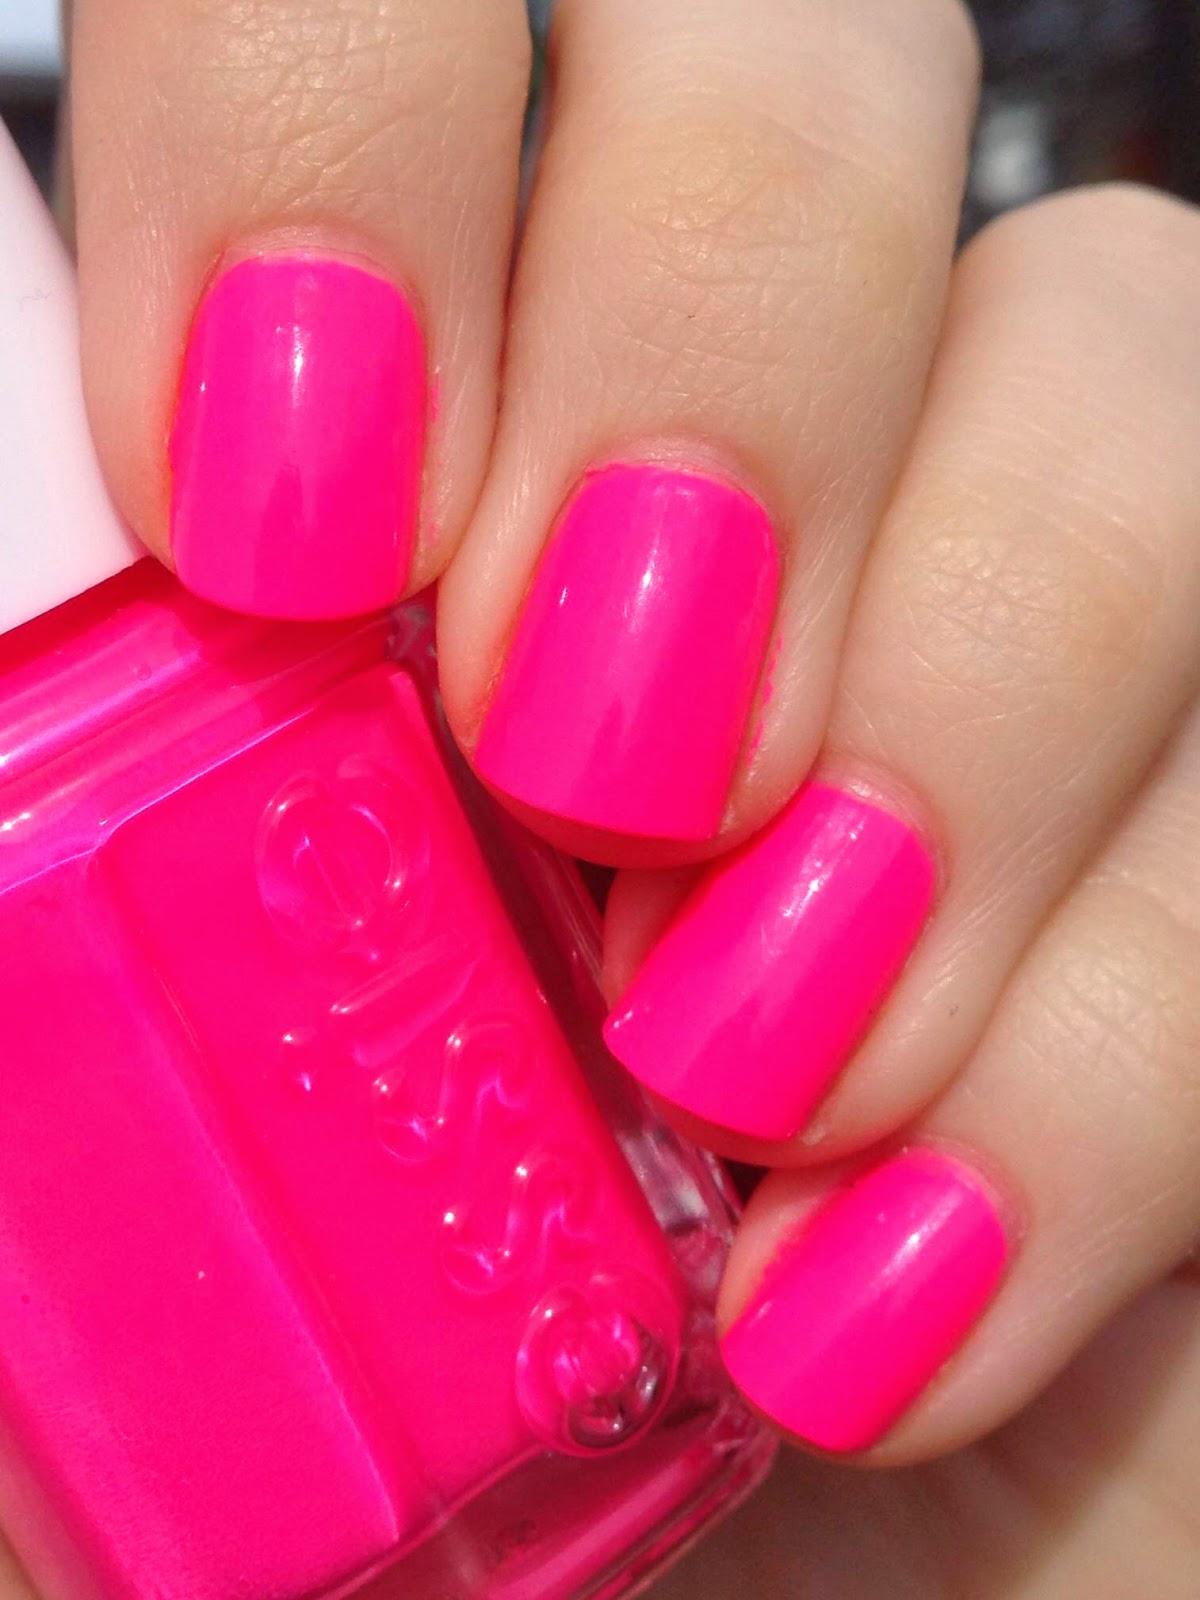 Short \'n Chic: Essie Pink Parka